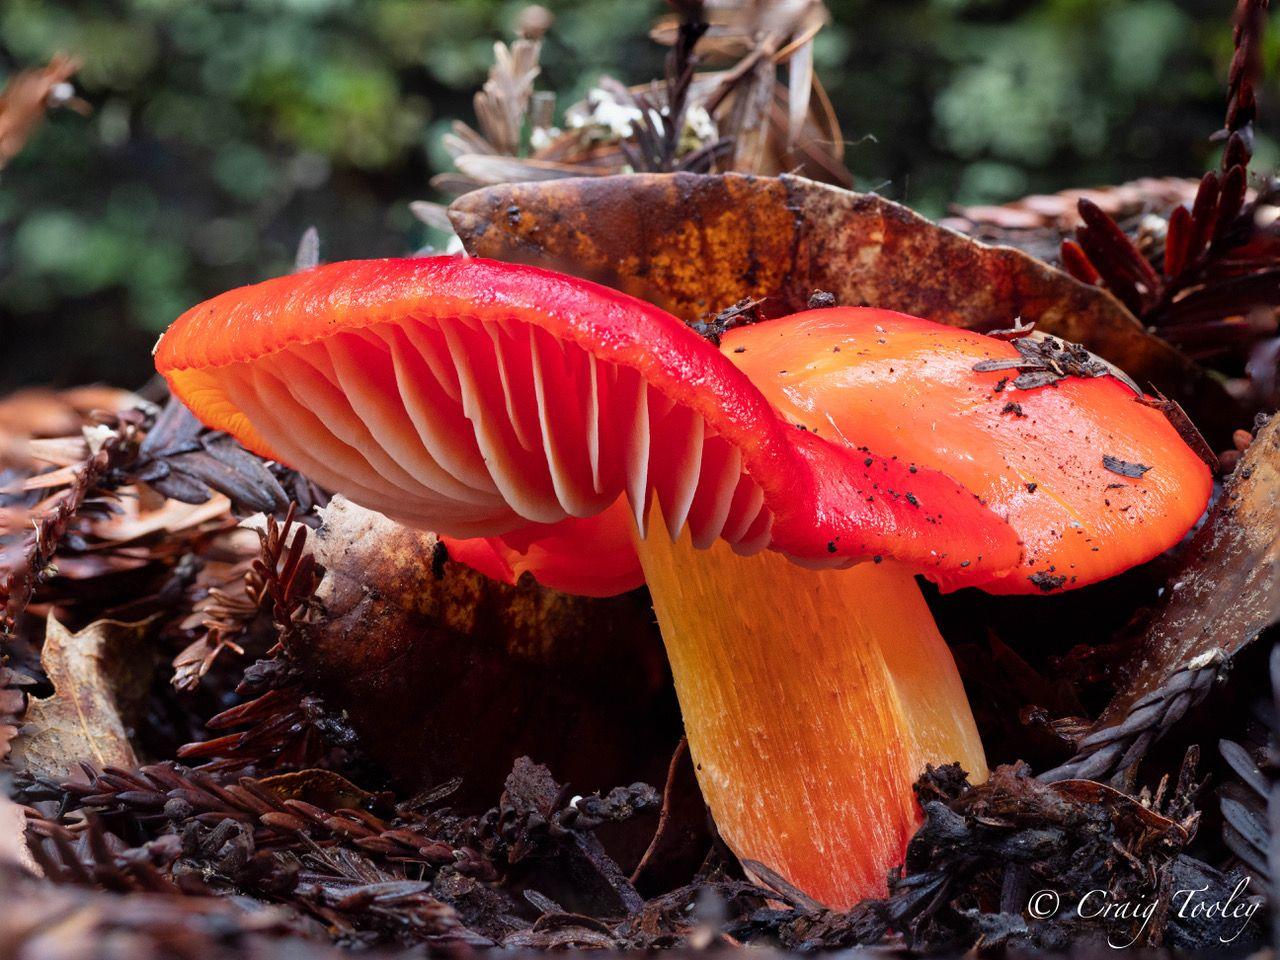 All The Rain Brings Mushrooms